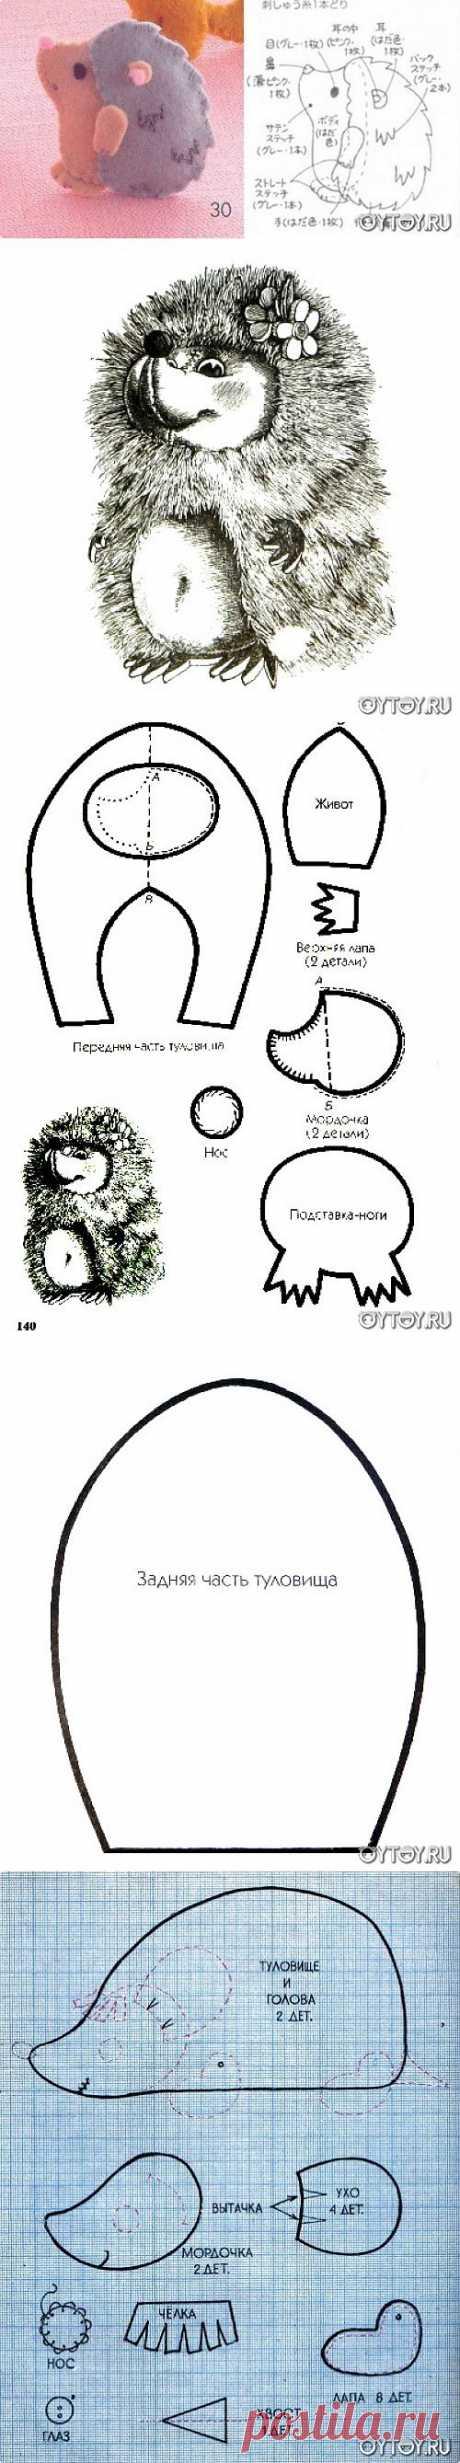 Ежики курносые))) +ВЫКРОЙКИ / Разнообразные игрушки ручной работы / PassionForum - мастер-классы по рукоделию